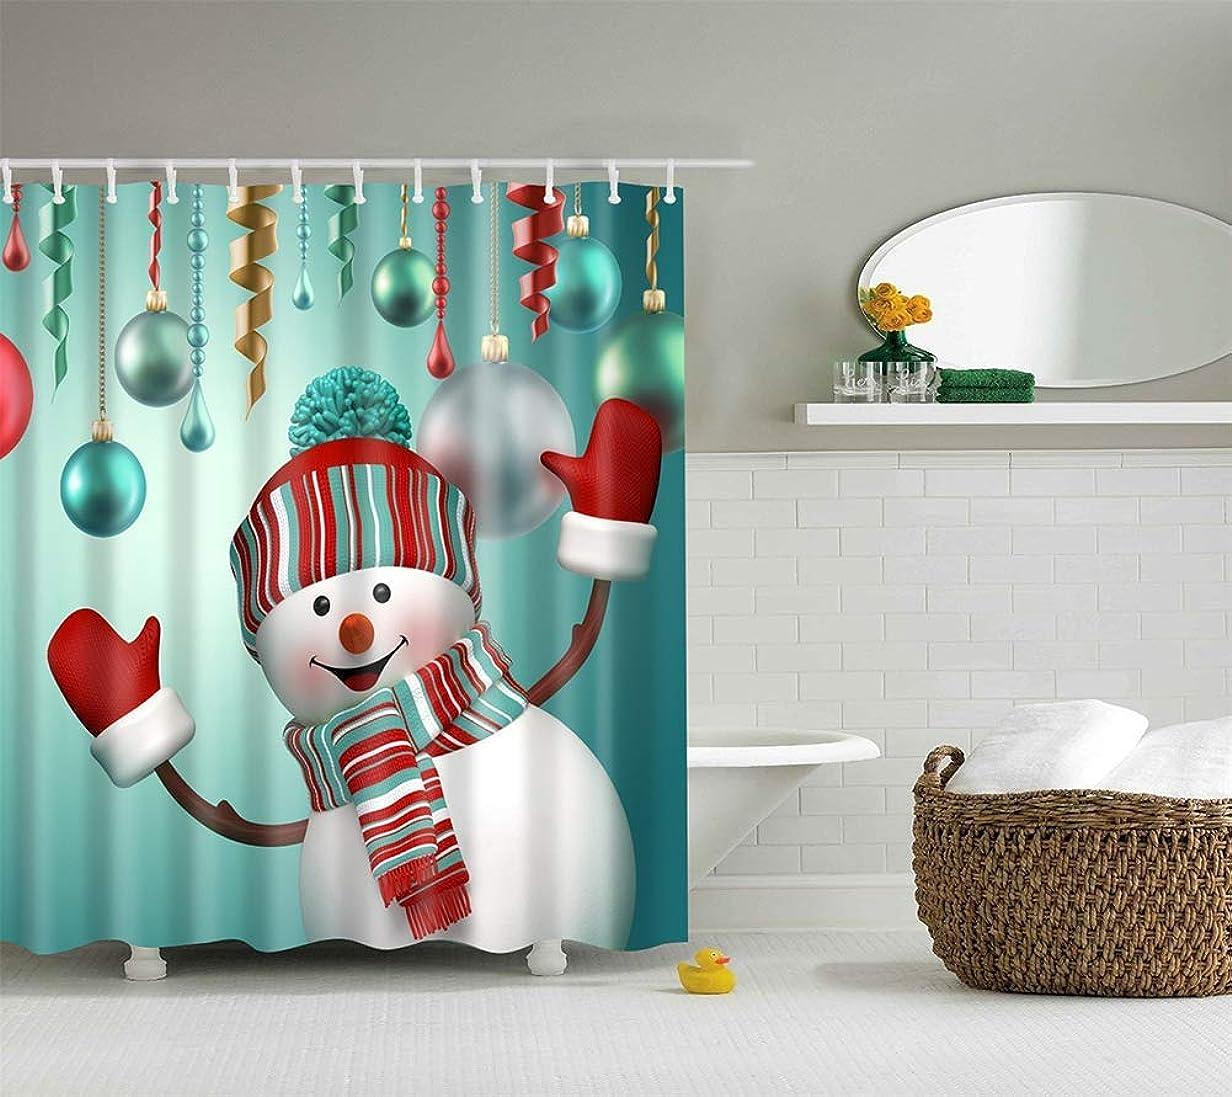 一貫性のないロッカー賠償シャワーカーテンバスルームカーテン 防水、ポリエステル製シャワーカーテン/クリスマス、防カビ性、環境にやさしい、静電気防止、無臭、プライバシーシャワーカーテン、TZ161126,180 * 180 cm 浴室のビーチ装飾家の装飾のため